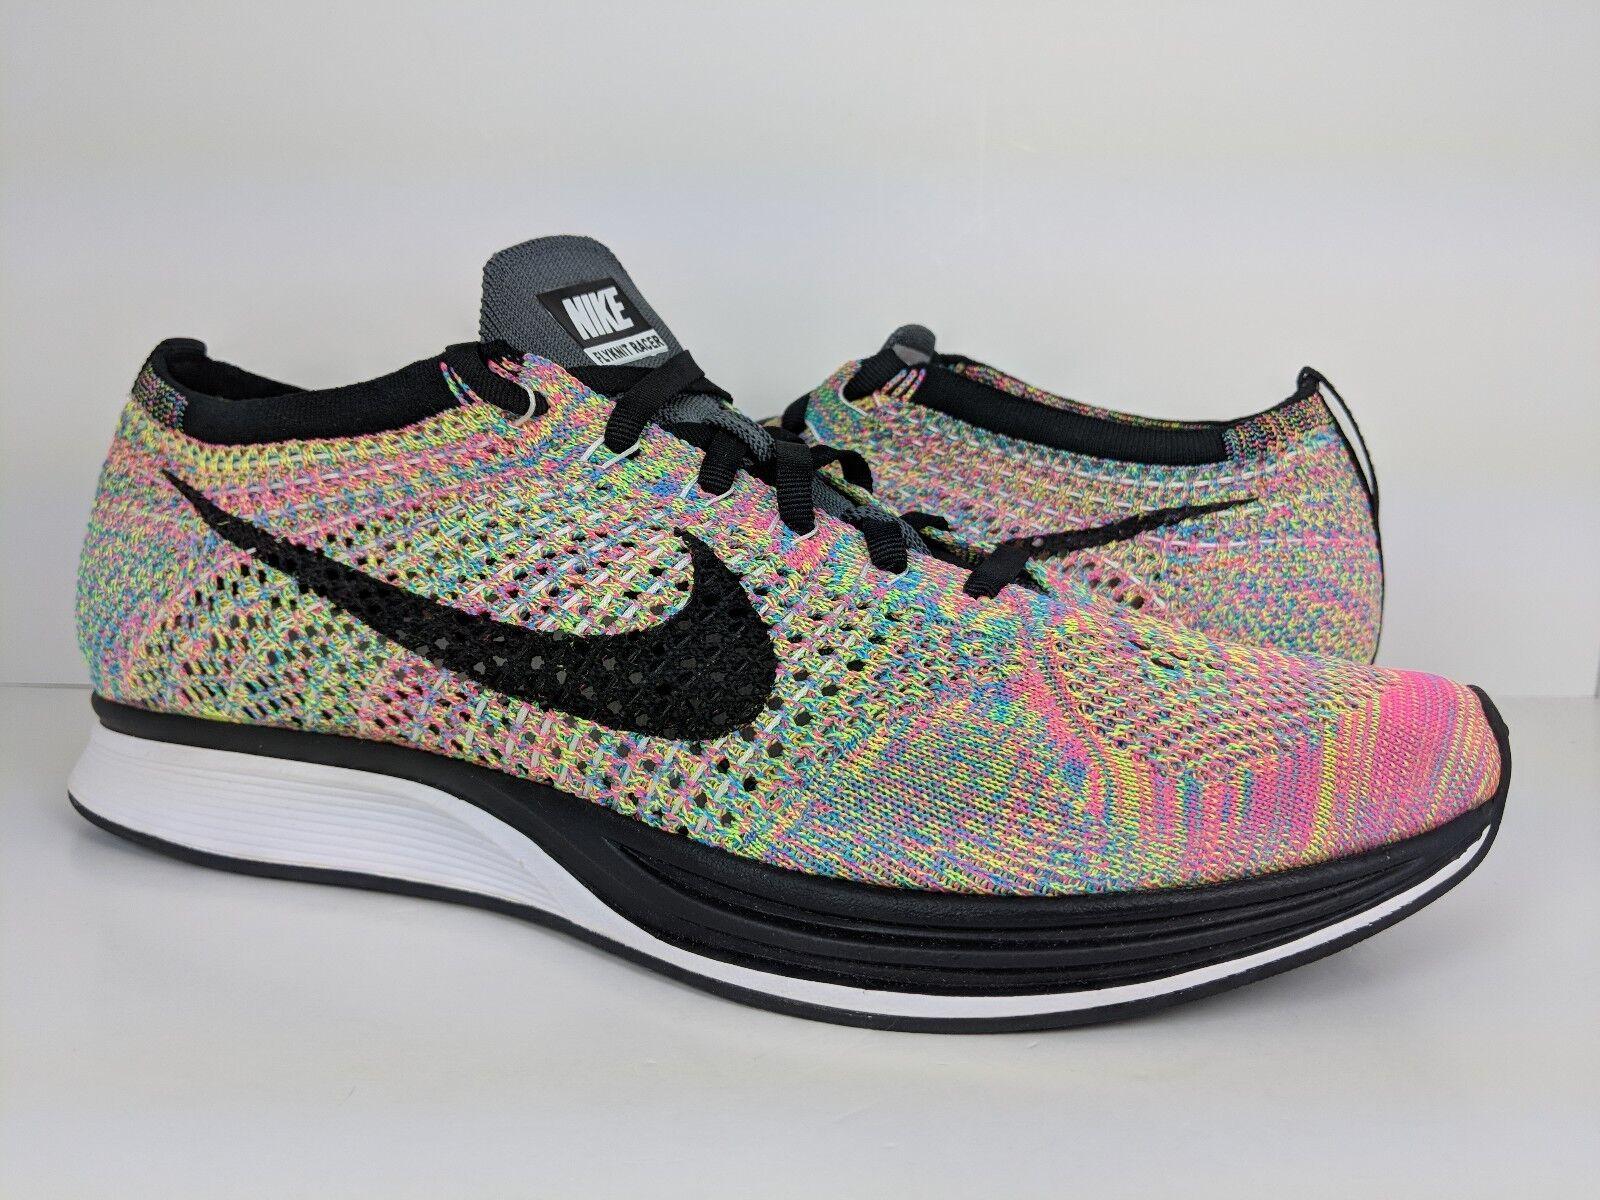 Nike Flyknit Racer Multicolor Multi-Color (526628-004) sz 10 Men's / sz 11.5 Wmn